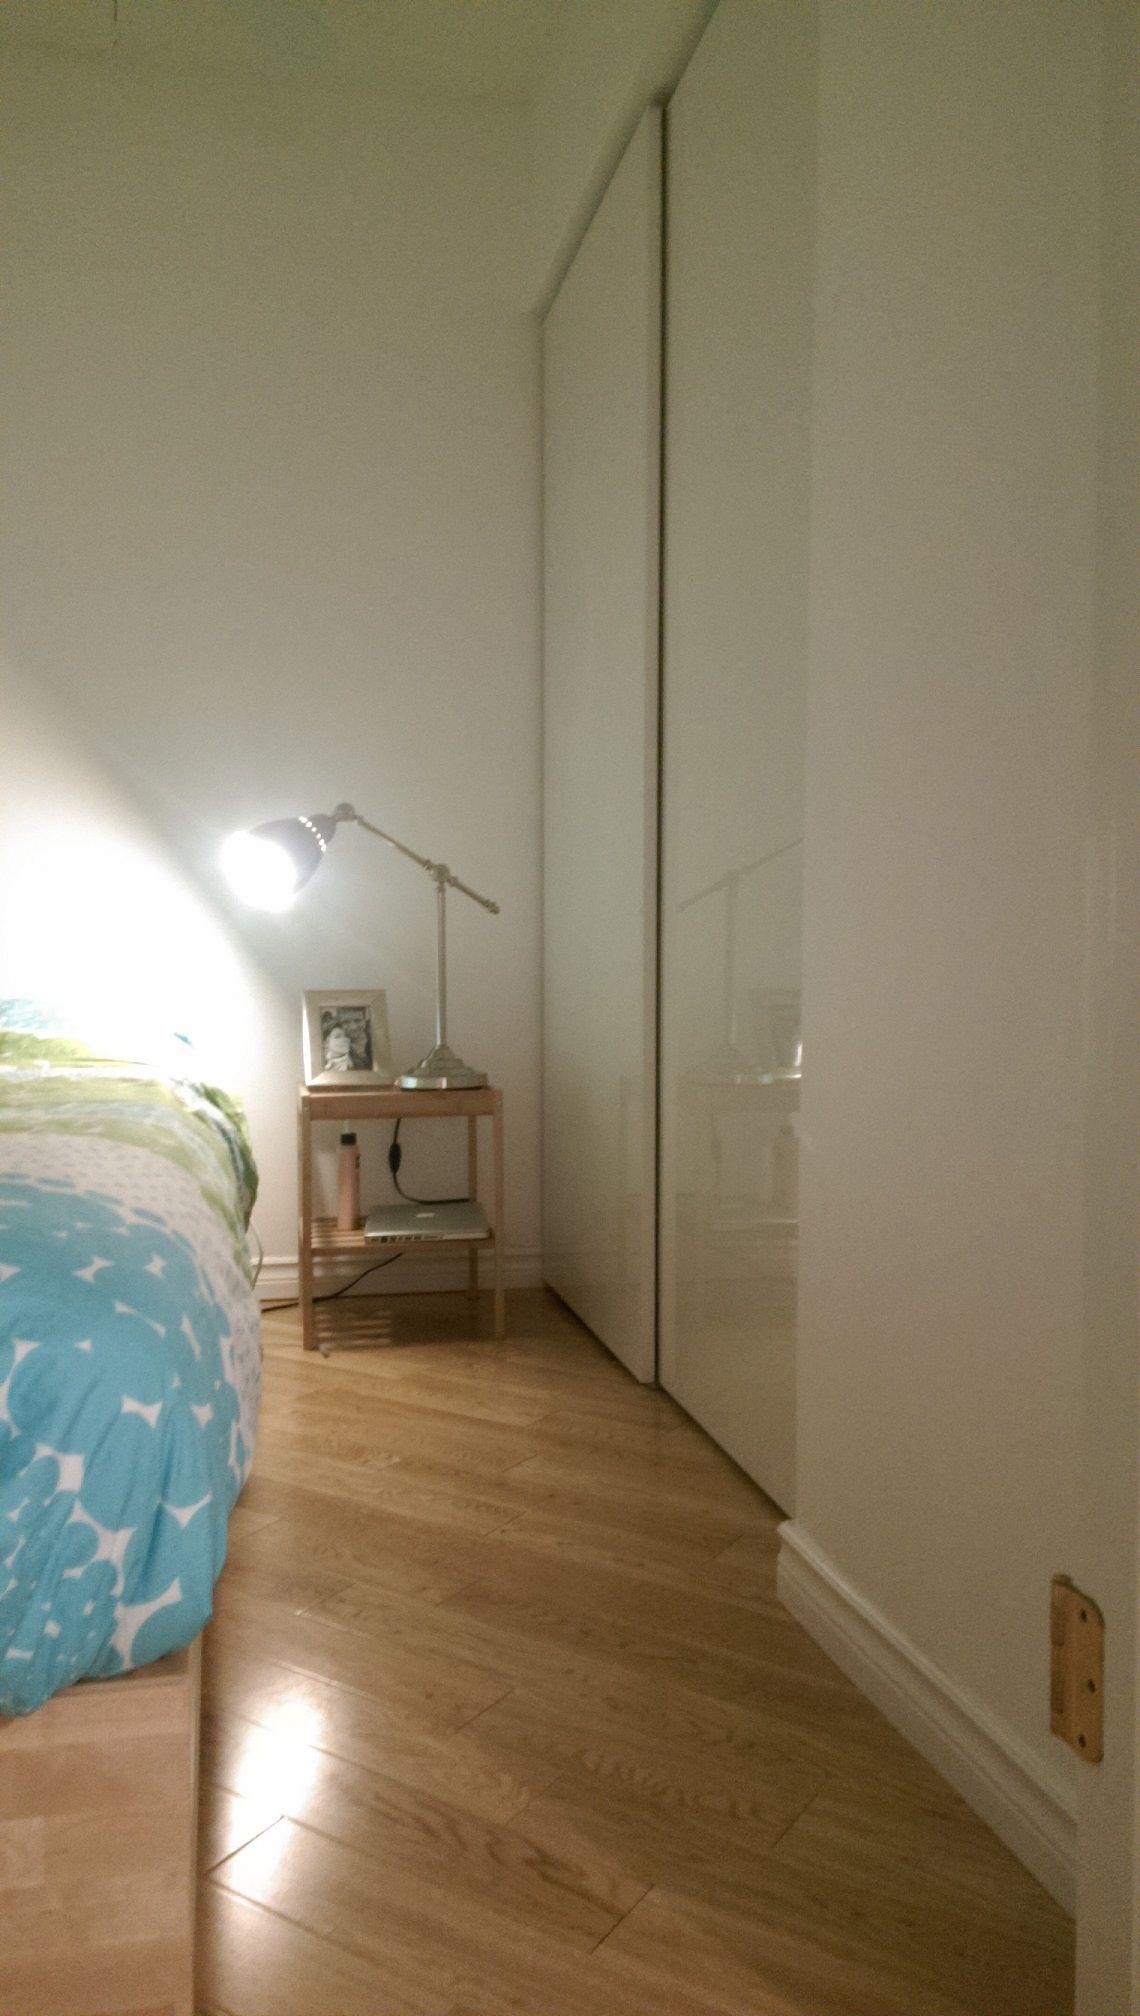 How To Use Ikea Pax Doors In Standard Closet Ikea Hackers Ikea Pax Doors Small Bedroom Remodel Remodel Bedroom